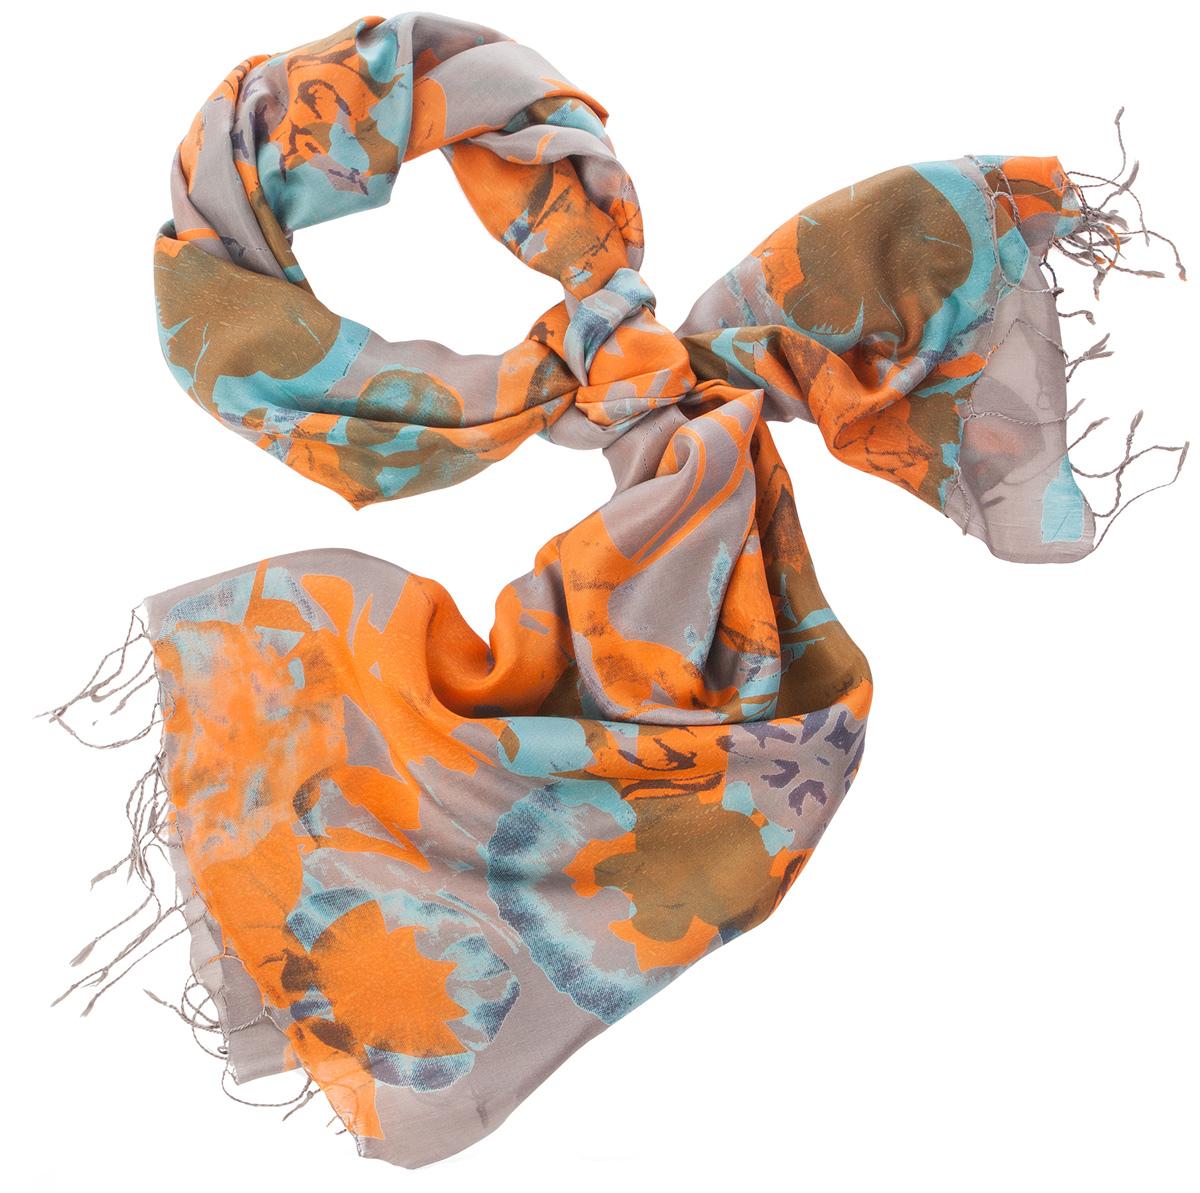 Палантин женский Michel Katana, цвет: серый, голубой, оранжевый. S30-SMUDGE.FL/SAFFRON. Размер 110 x 180 смS30-SMUDGE.FL/SAFFRONСтильный женский палантин Michel Katana станет великолепным завершением любого наряда. Палантин изготовлен из шелка и оформлен ярким принтом. По краям модель дополнена неширокой бахромой. Изящный палантин поможет вам создать изысканный женственный образ, а также согреет в непогоду.